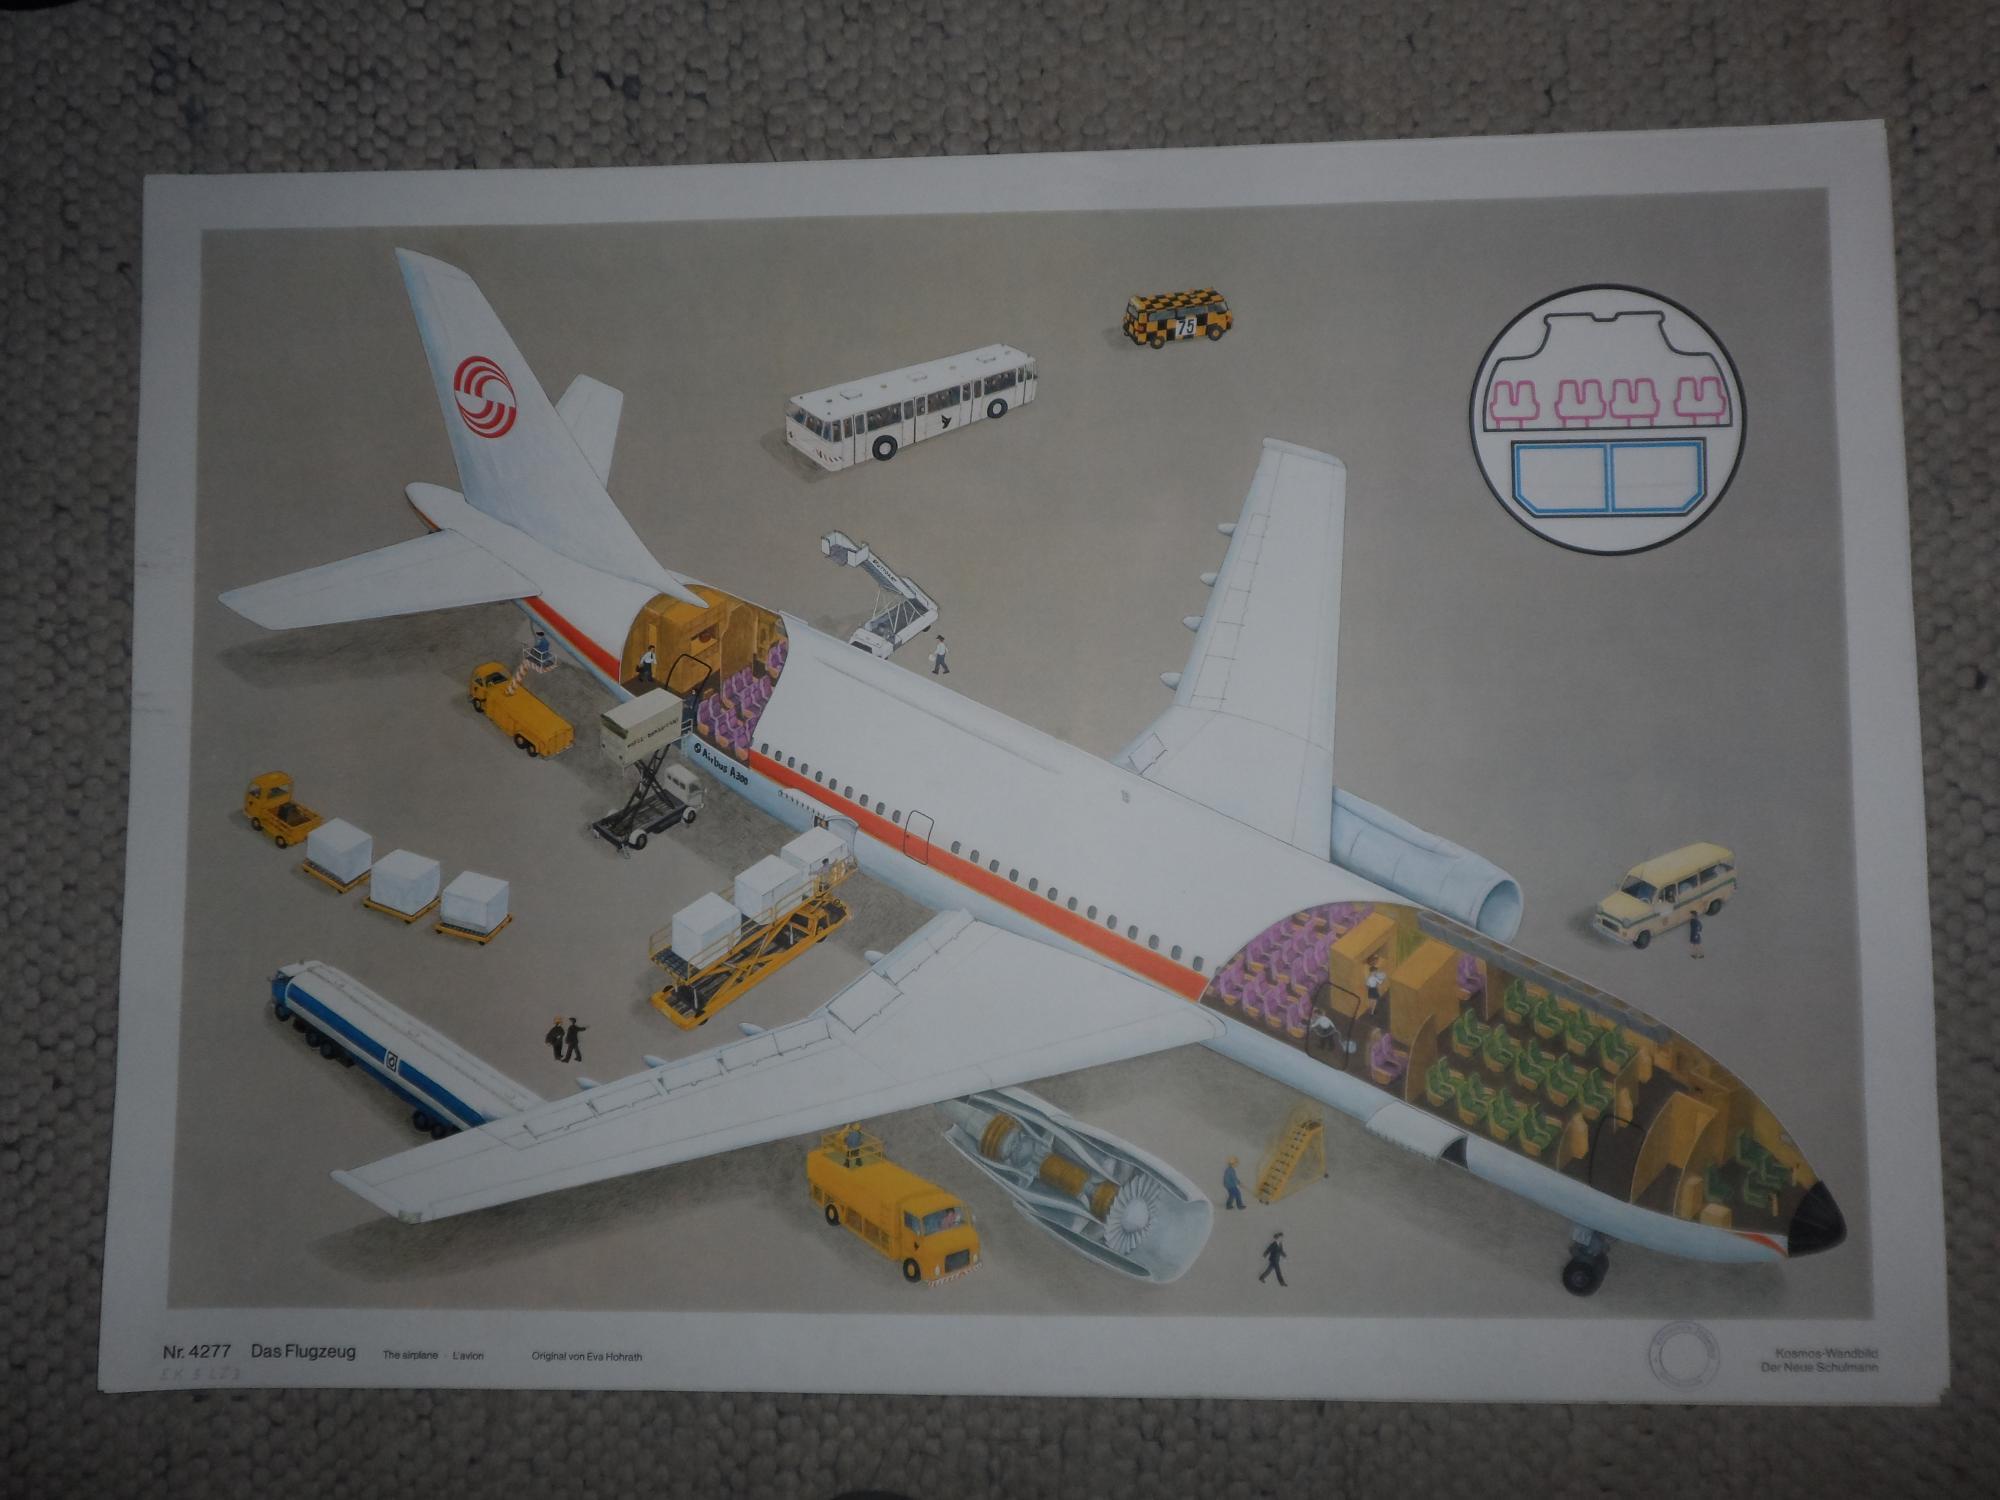 Bilder & Fotos Nice Fotografie Flugzeug-modell Mit Einklappbaren Tragflächen